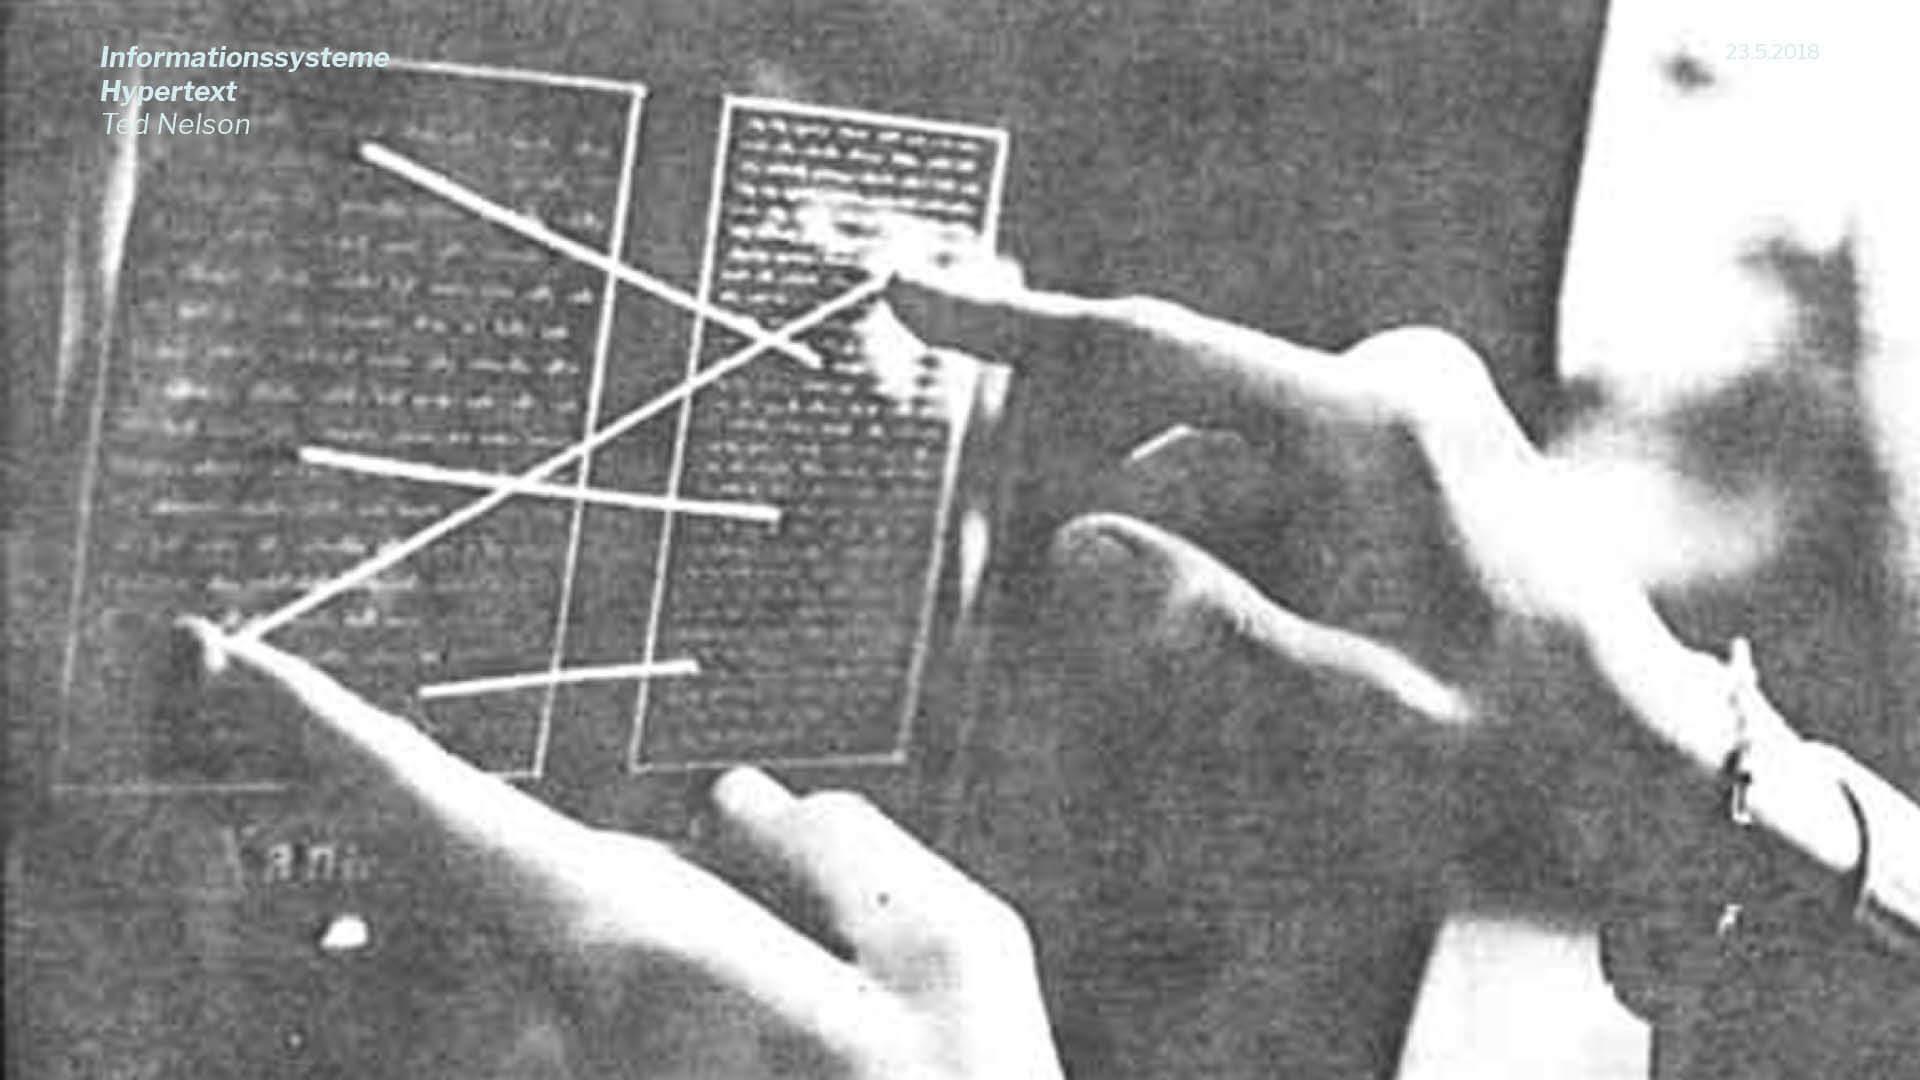 Präsentation | Beispielhaft für theoretische Inhalte: Ted Nelson